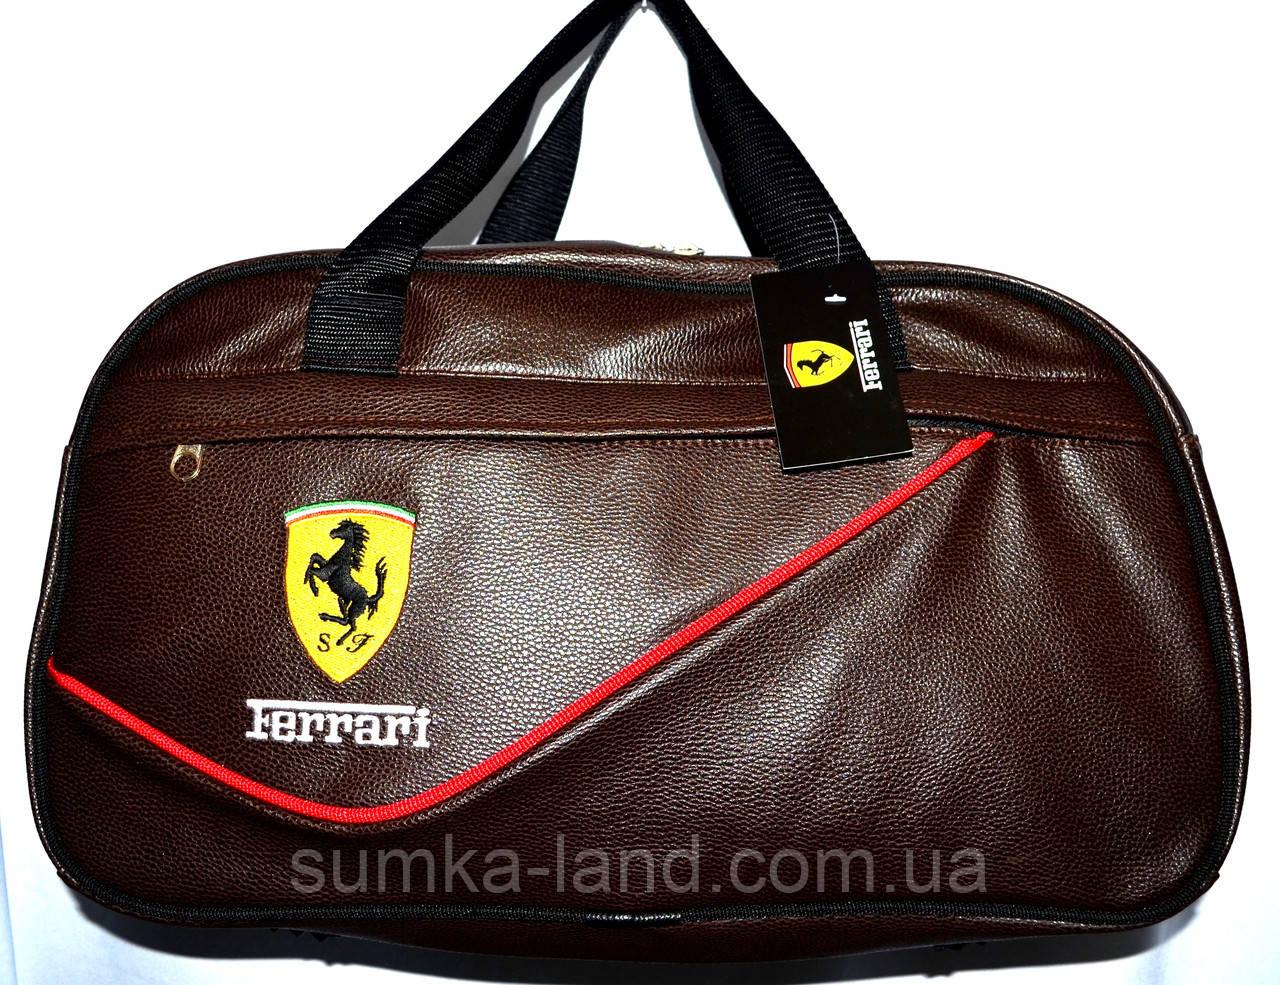 Сумка спортивная универсальная Ferrari (коричневый) - SUMKA-LAND в Харькове